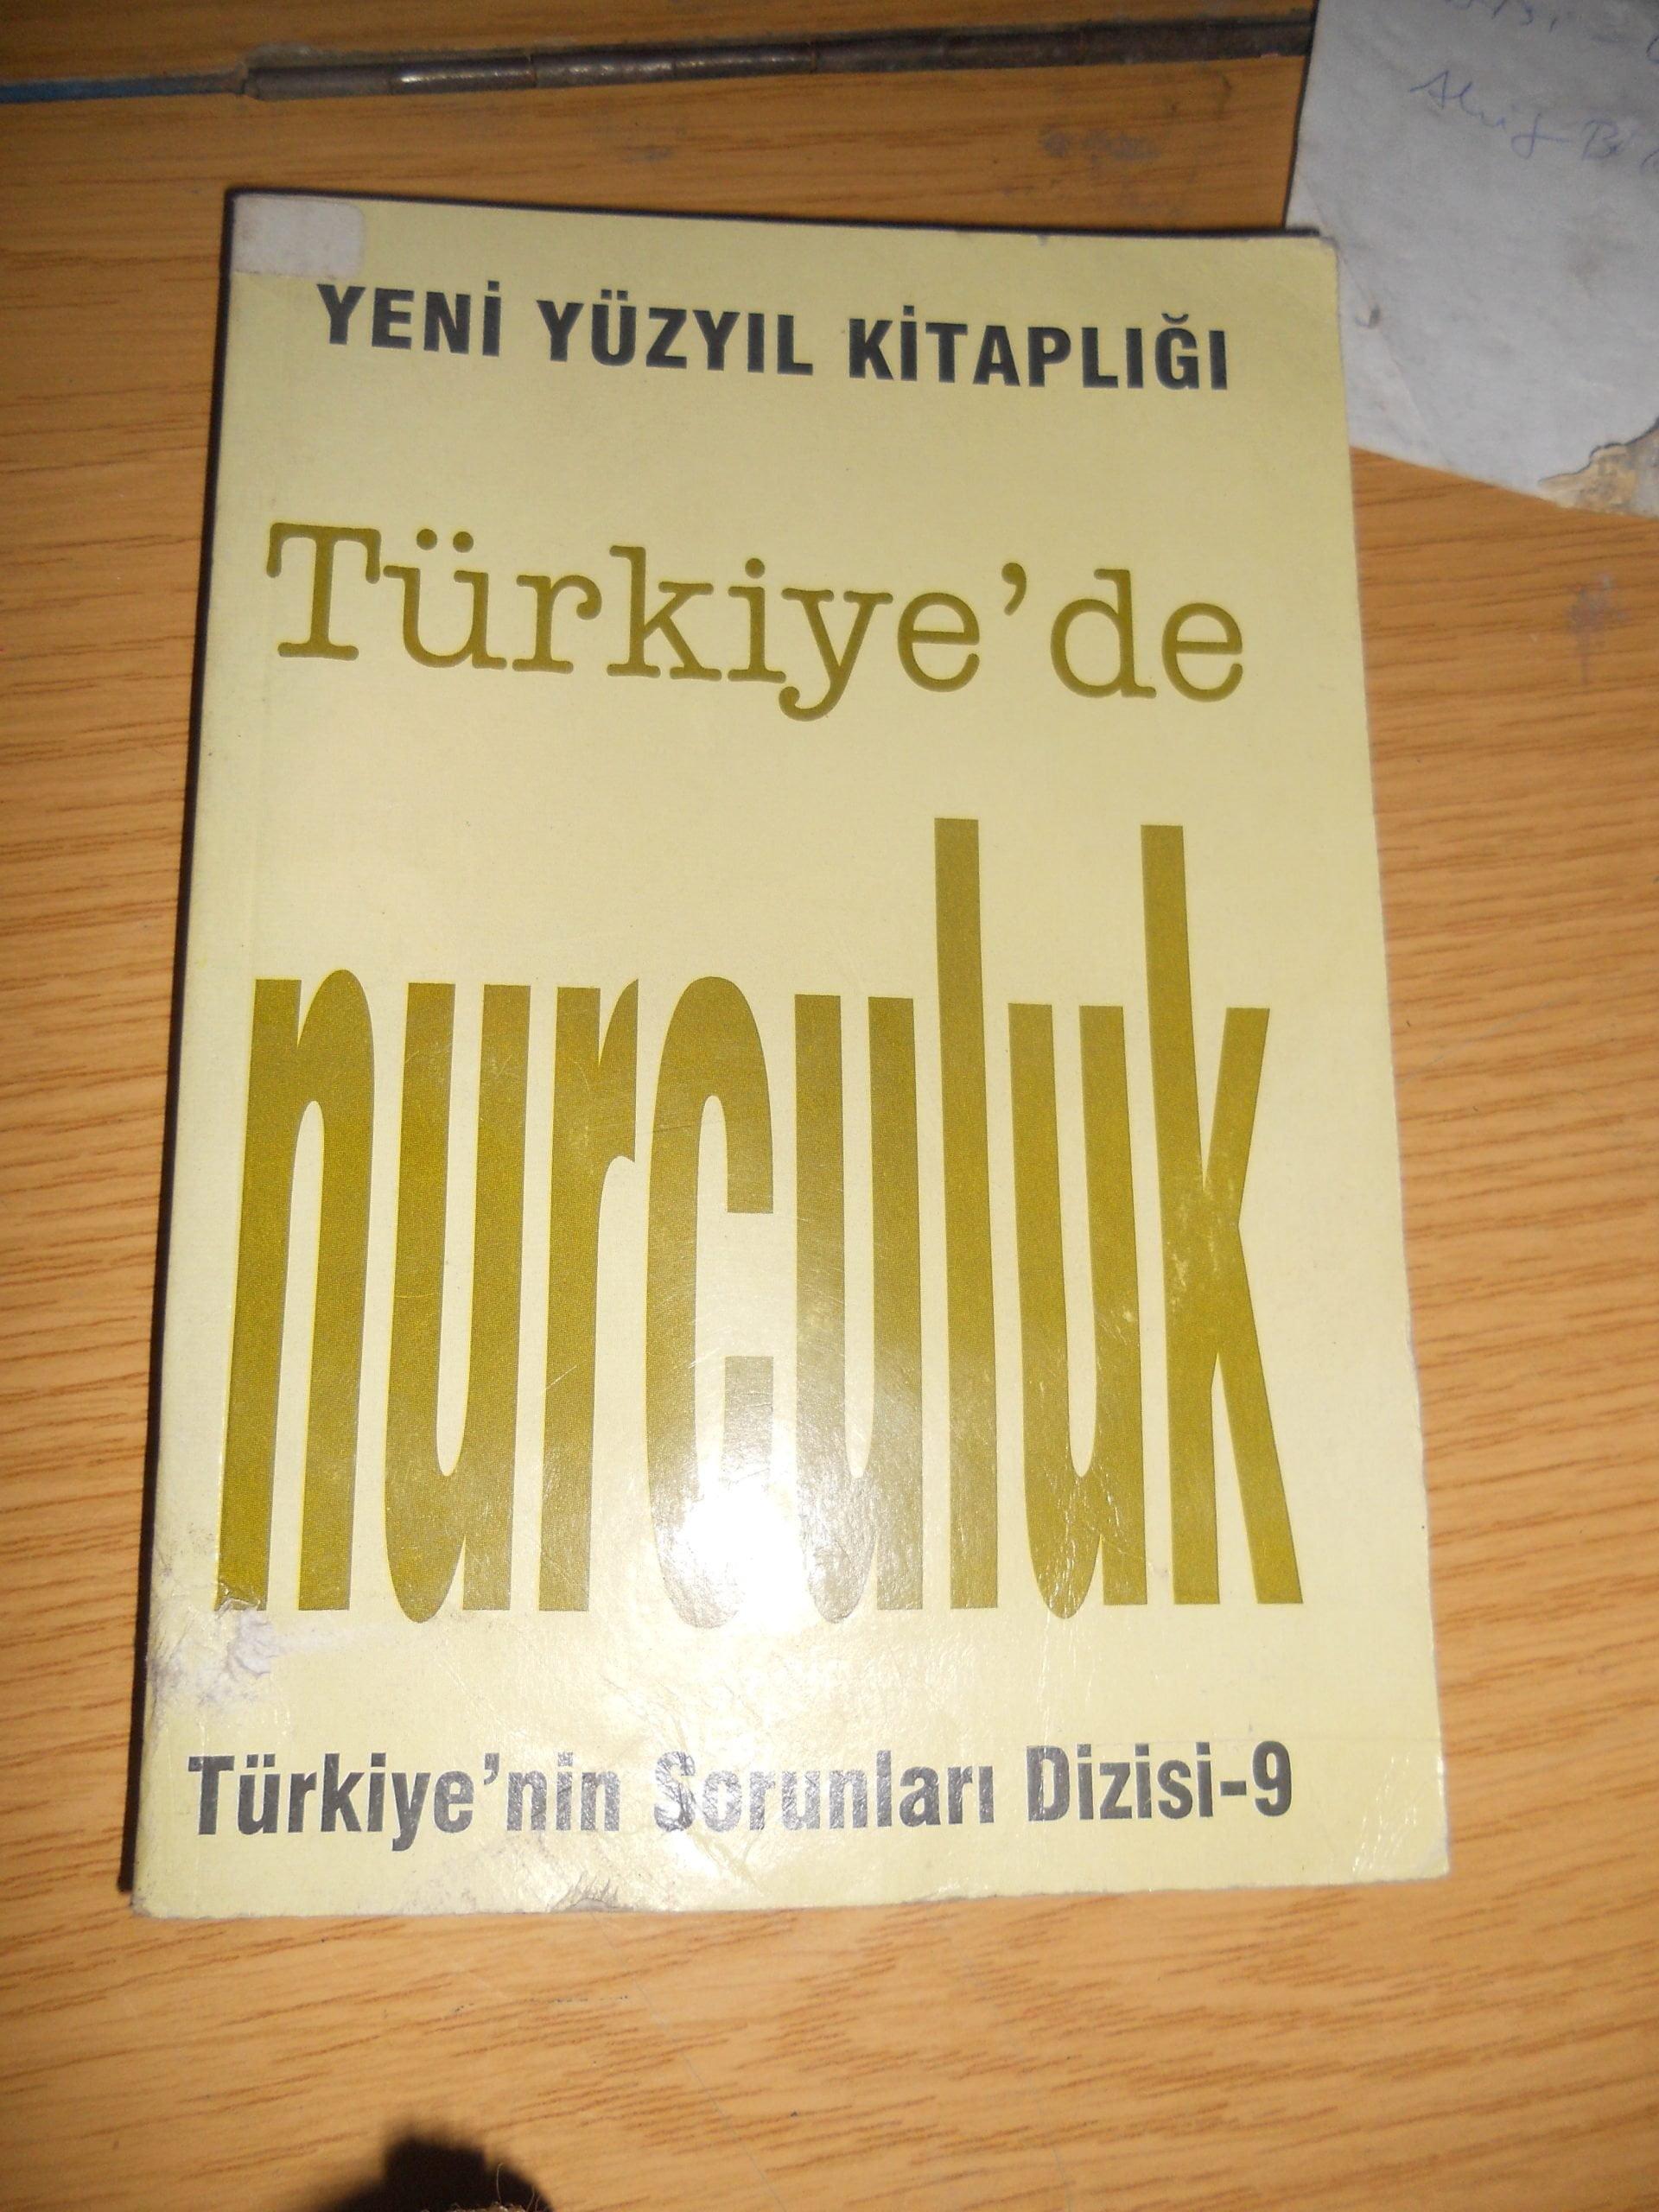 Türkiye'nin sorunları dizisi(Yeni Yüzyıl kitaplığı) 7 kitap /toplam 35 tl